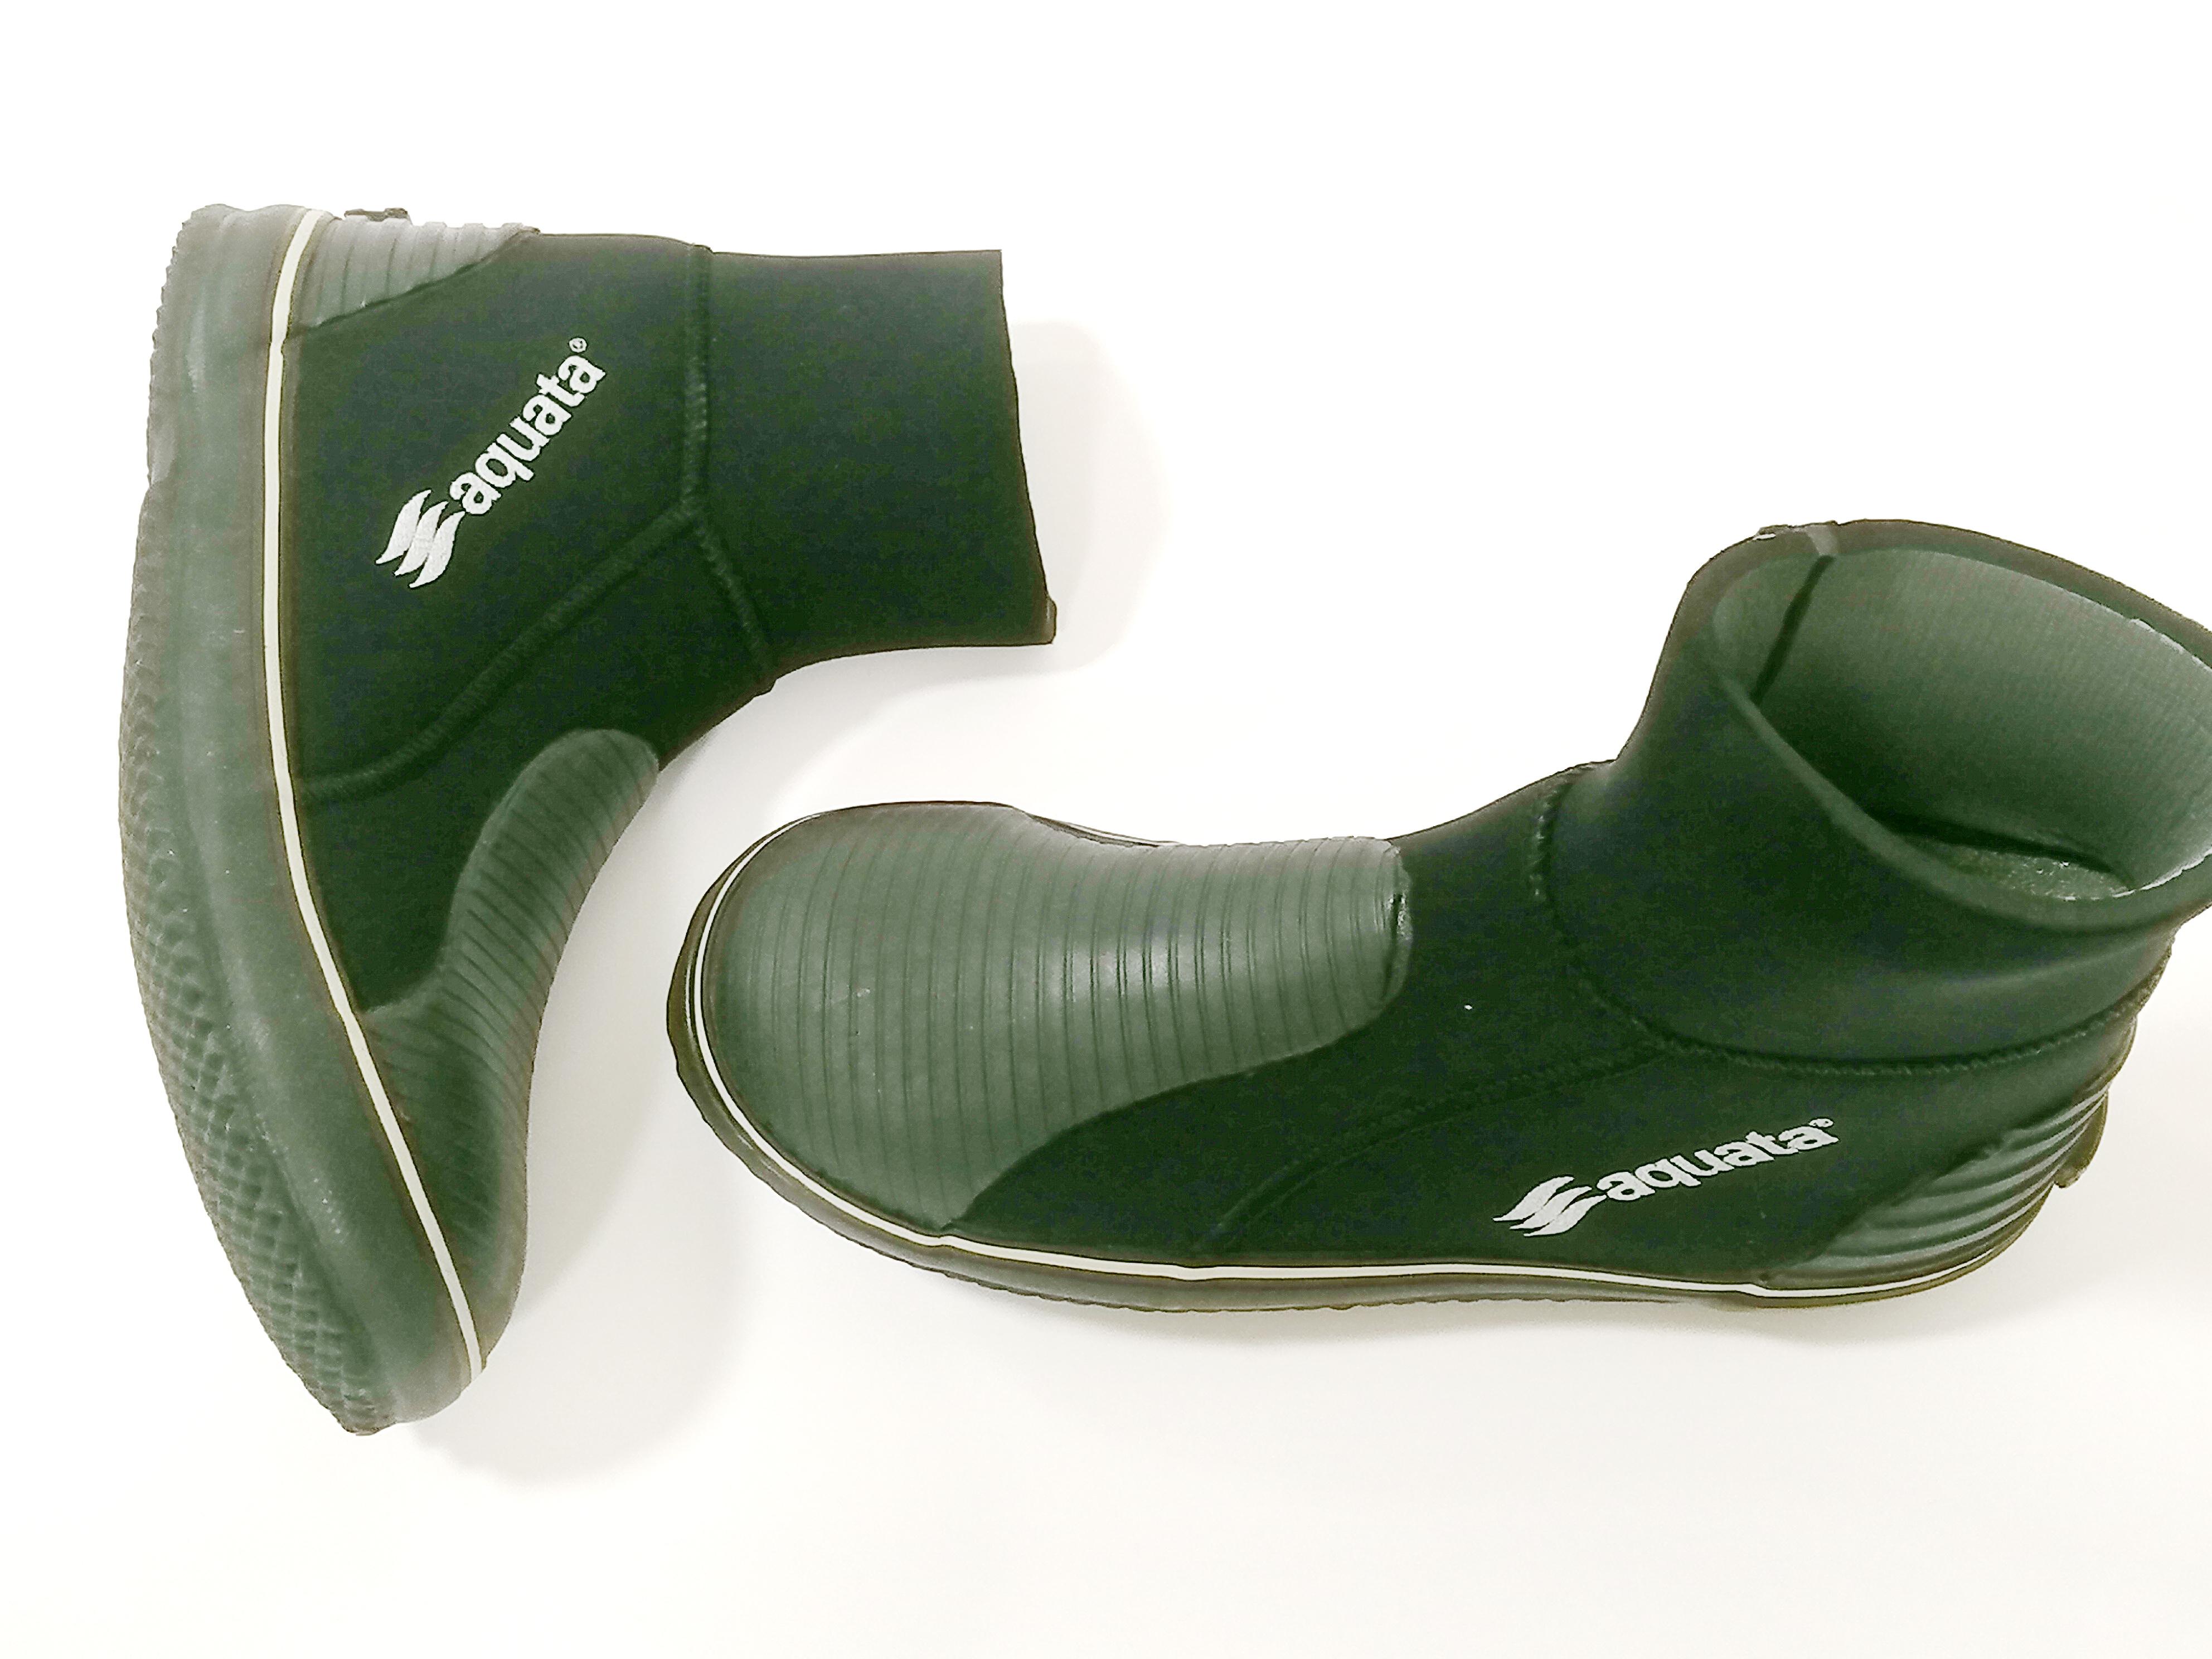 Taucherschuh , 5mm Neopren Schuh ,Tauch Schuh mit Manschette